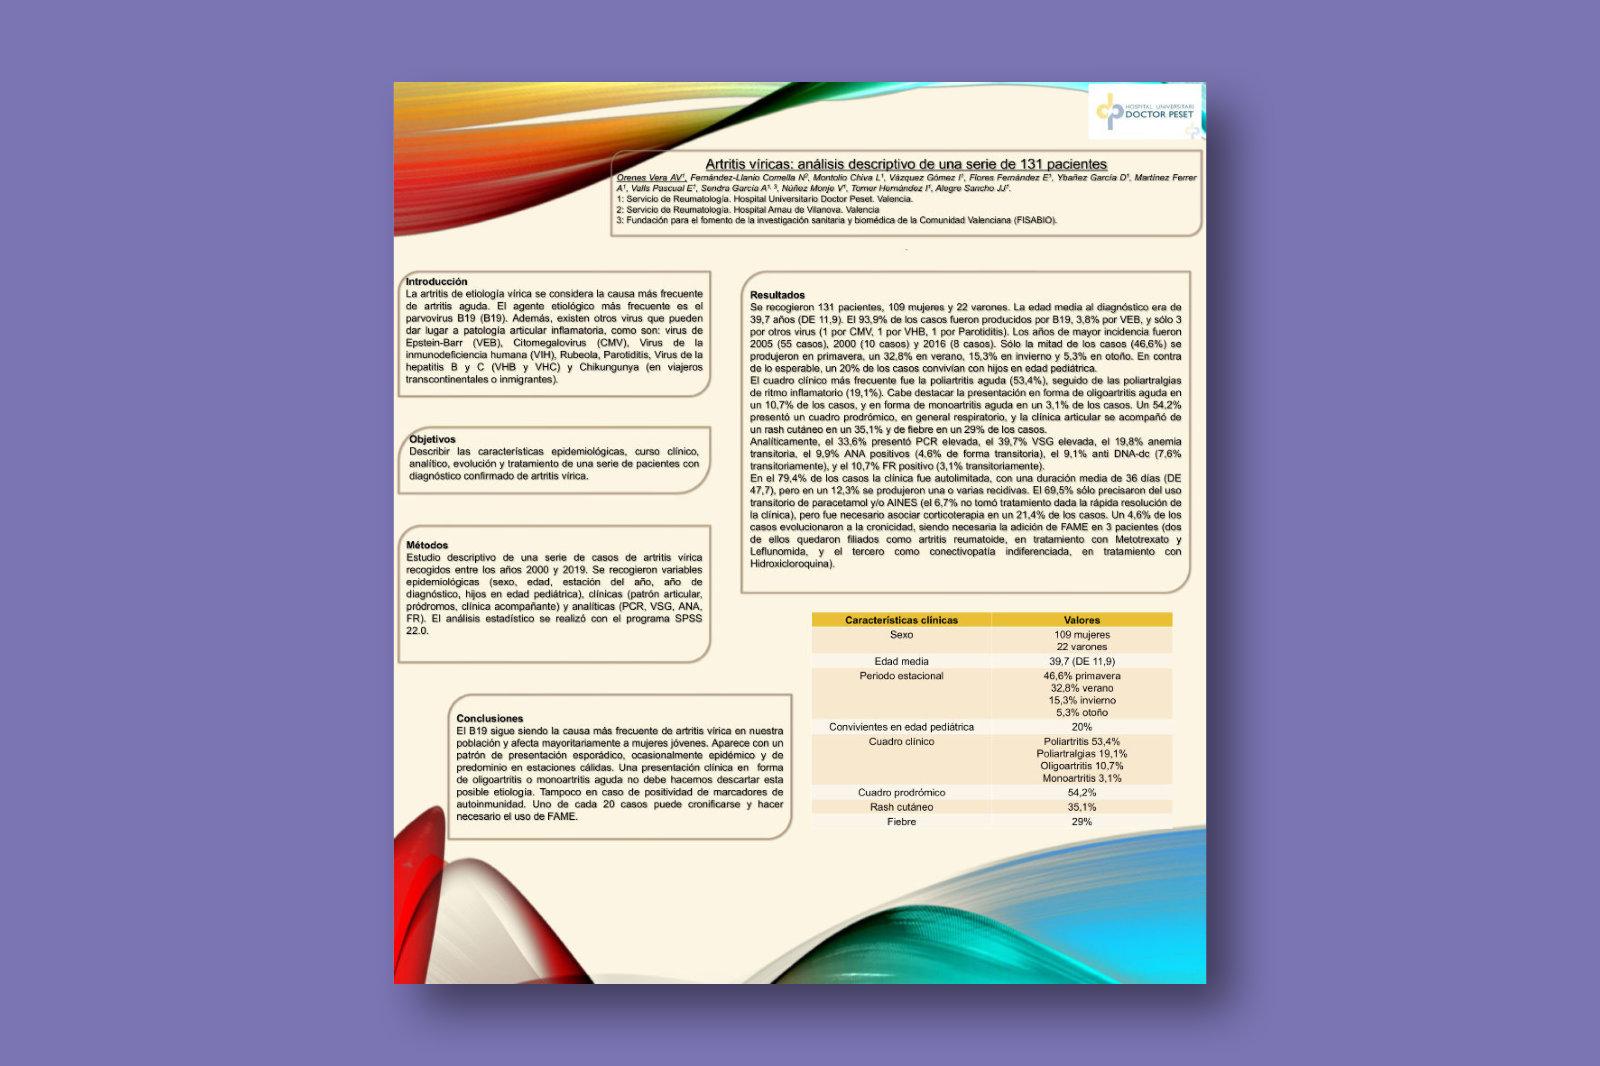 Artritis víricas: análisis descriptivo de una serie de 131 pacientes